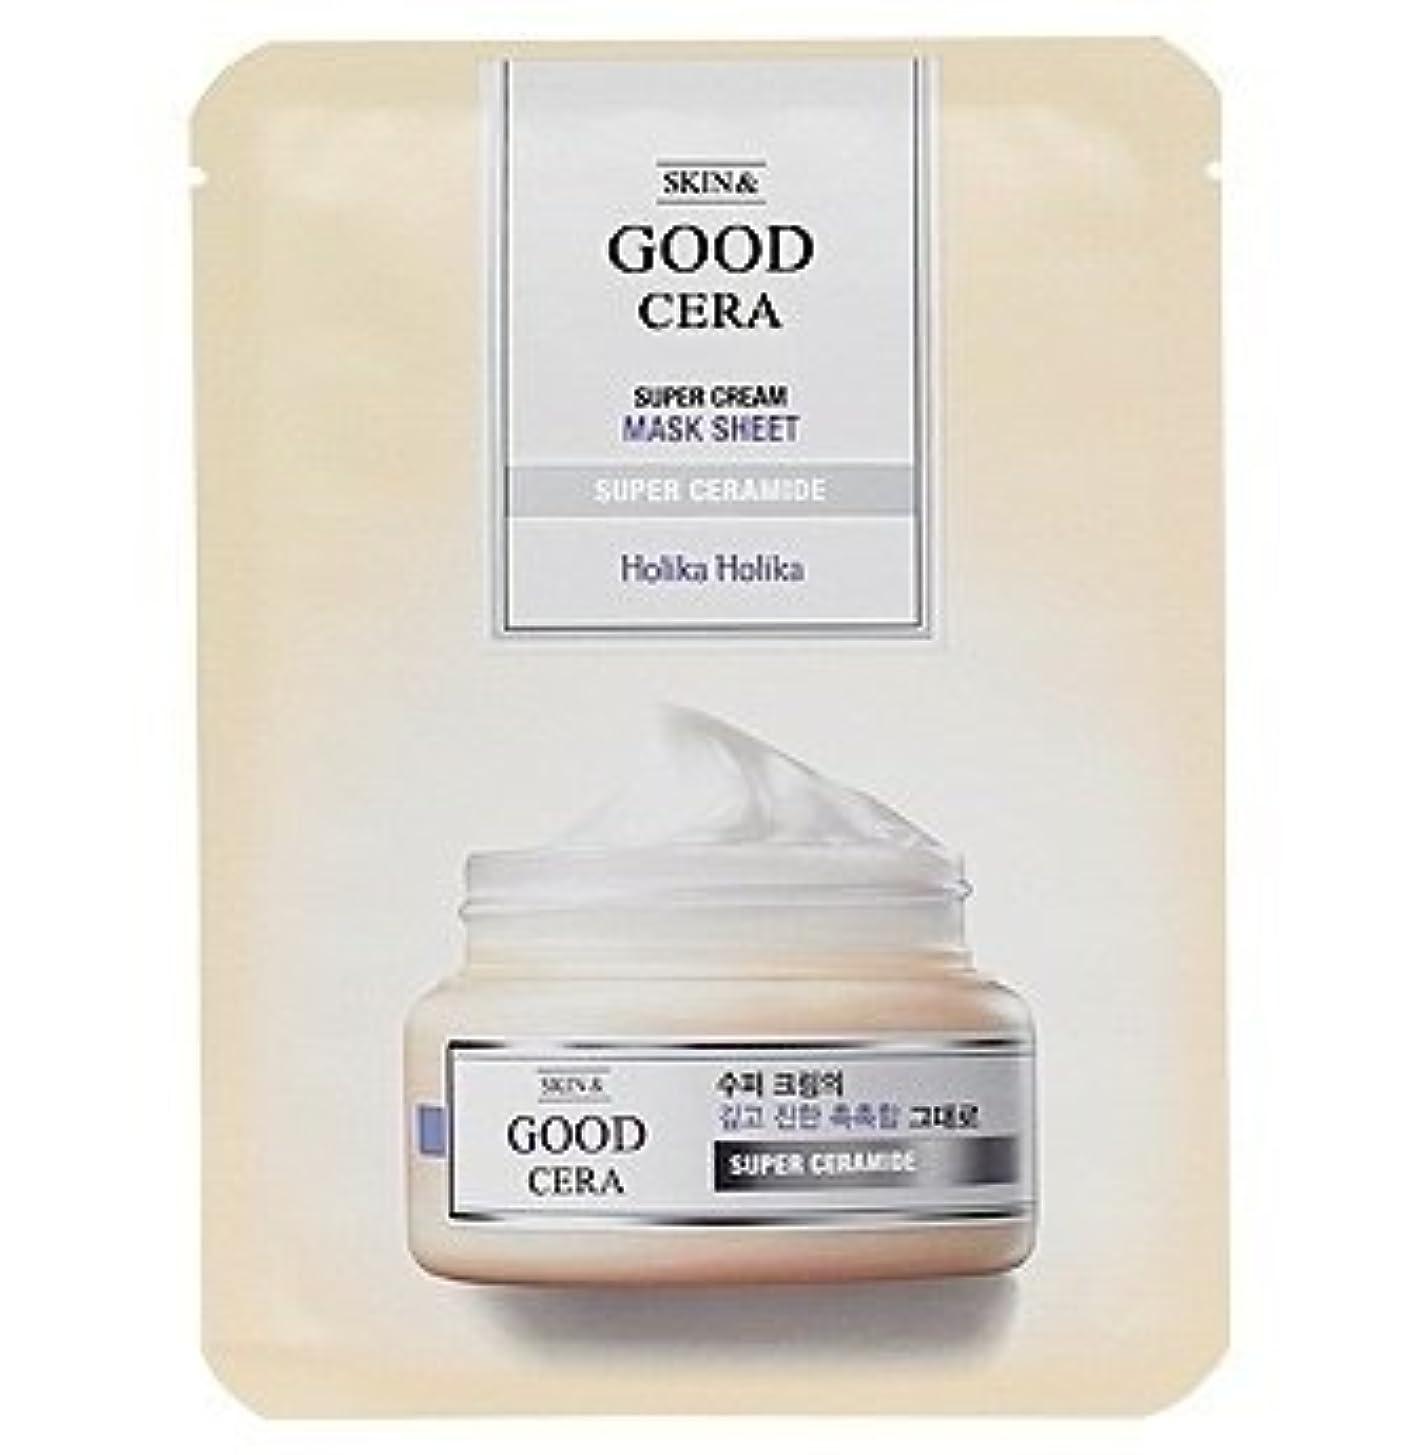 暗殺者間違えた遅いホリカホリカ グッドセラ スーパークリーム マスクシート(3枚)Holika Holika Good Cera Super Cream Mask Sheet(3EA) [並行輸入品]